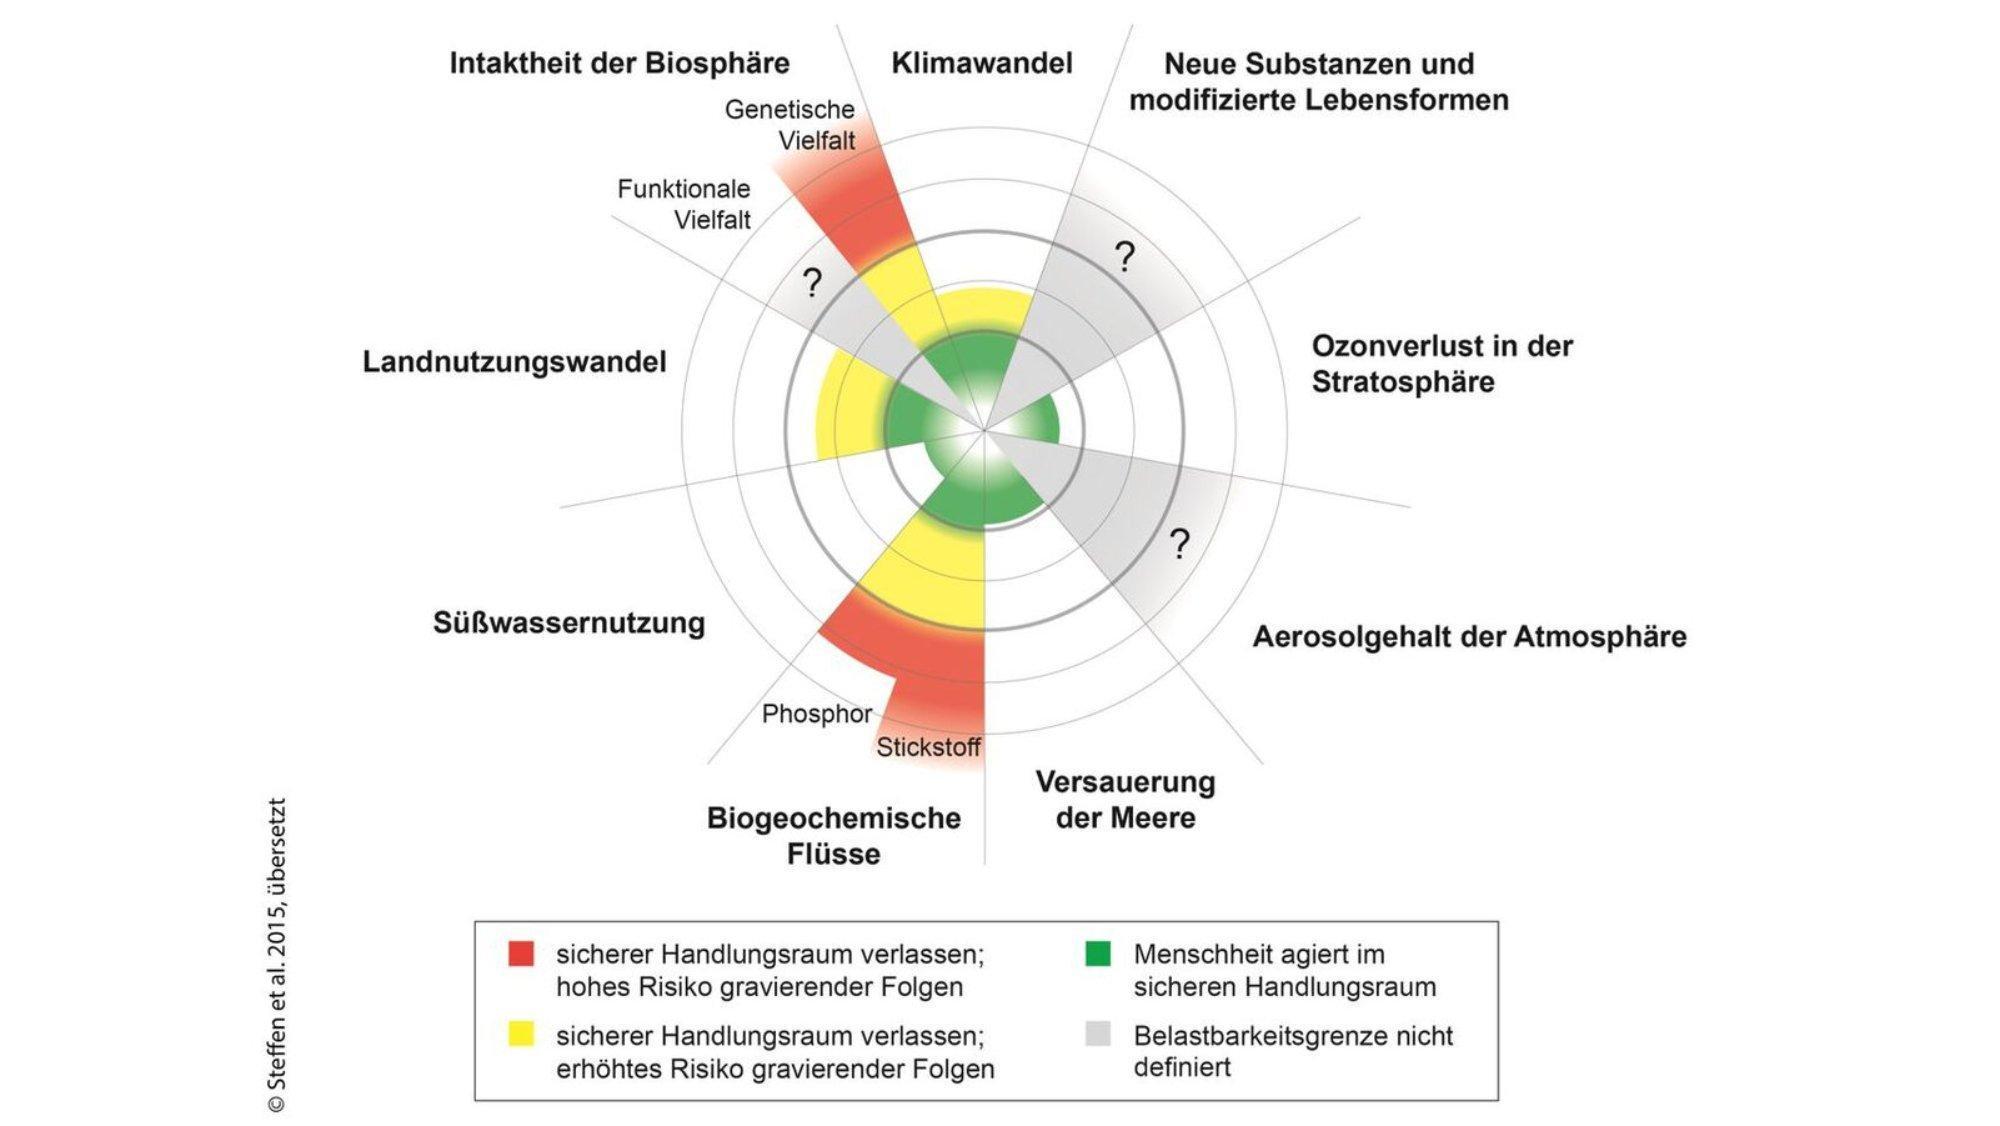 Ein Kreisdiagramm mit neun Segmenten, unter anderem Klimawandel, Landnutzungswandel, Biogeochemische Flüsse und Intaktheit der Biosphäre. In diesen vier Bereichen befindet sich das System Erde in der gelben Gefahrenzone bzw. in der roten Hochrisikozone.